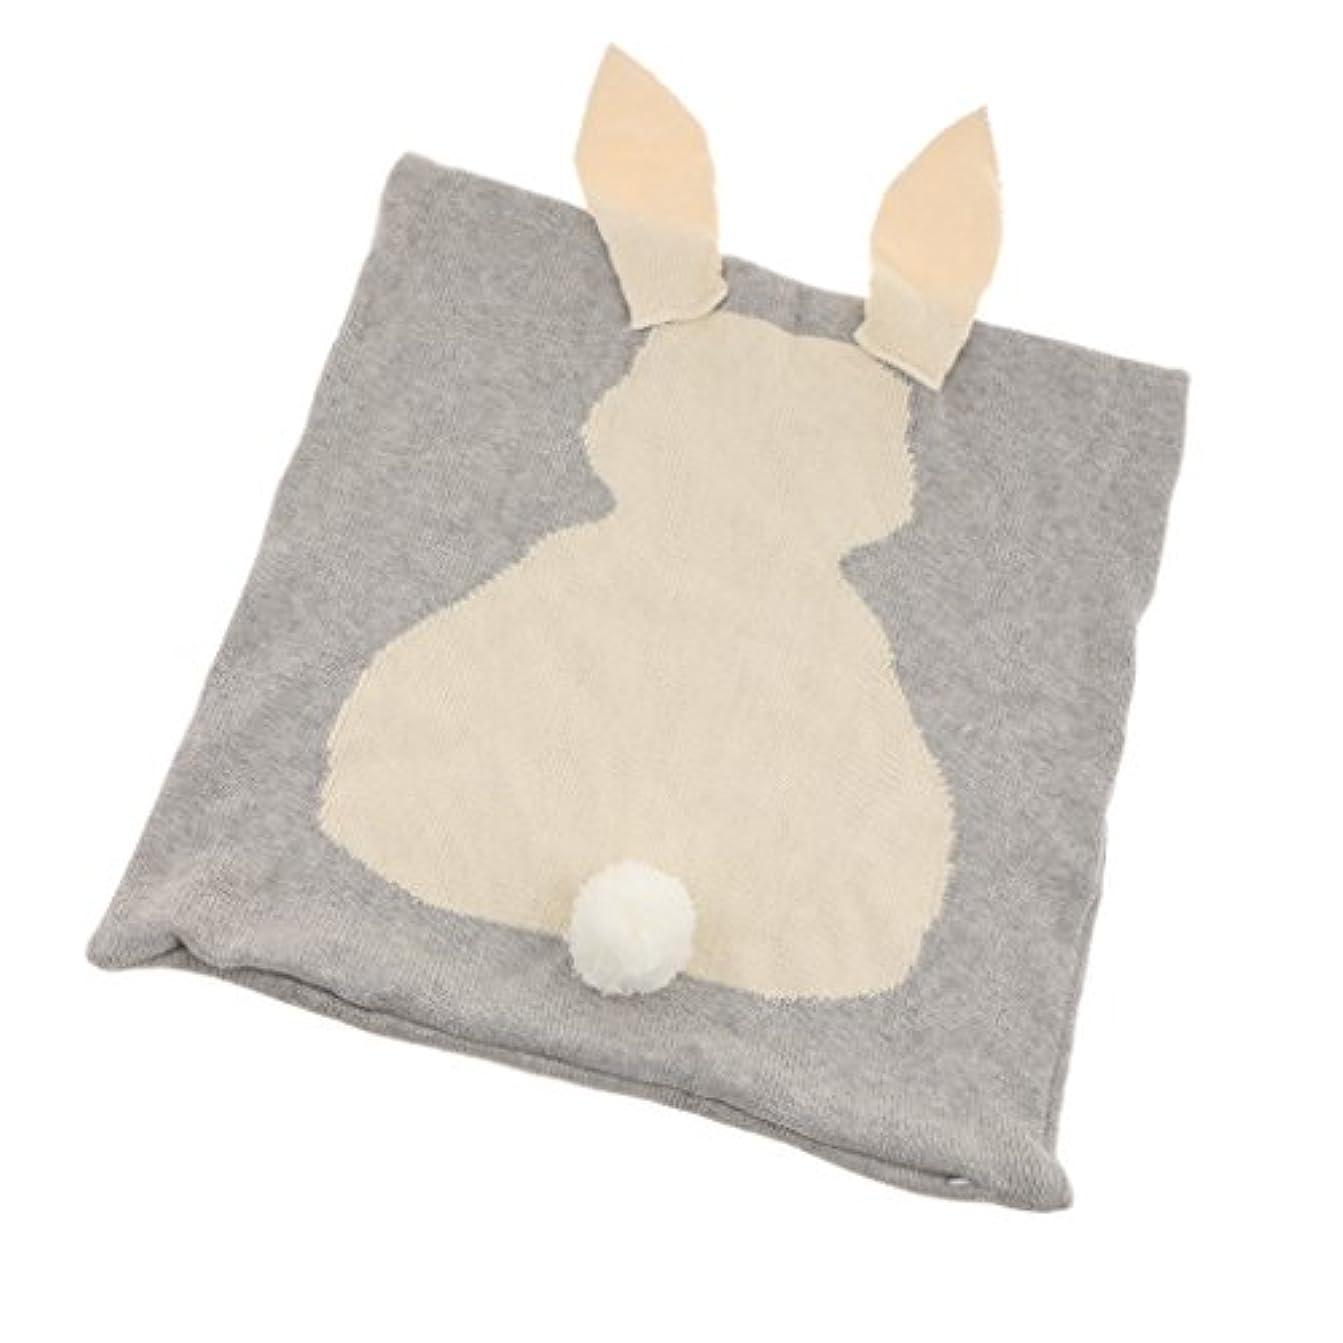 強化するエッセイコードコットンニットかわいいウサギ枕カバートロー枕ケース車のソファクッションカバー家の装飾(45 Cm X 45 Cm) - グレー